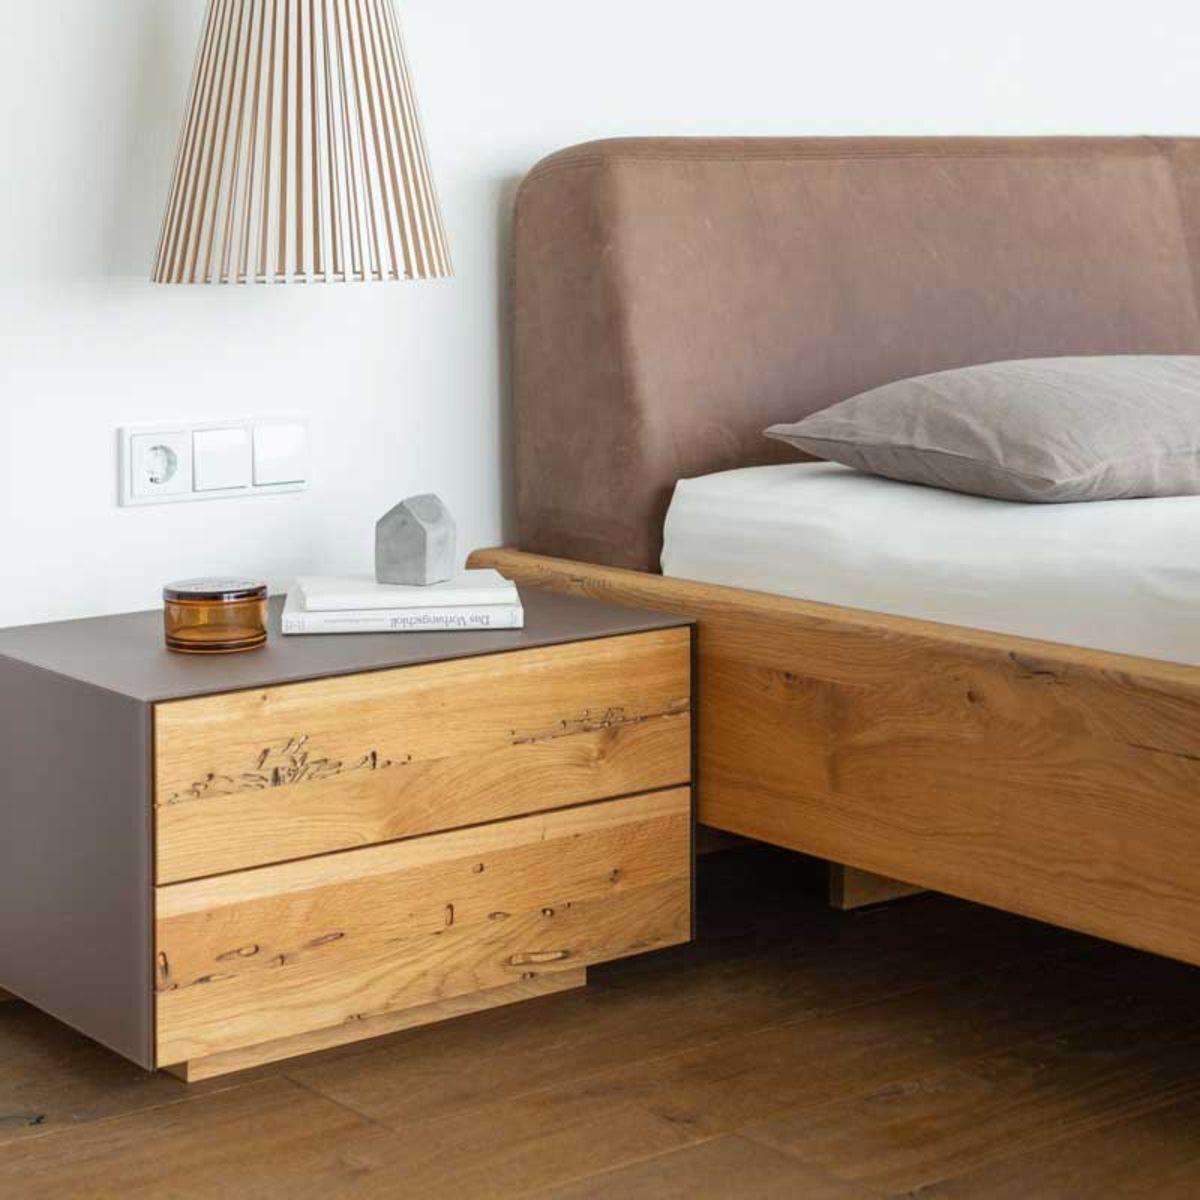 nox Bett mit cubus pure Nachtkästchen von TEAM 7 Wels